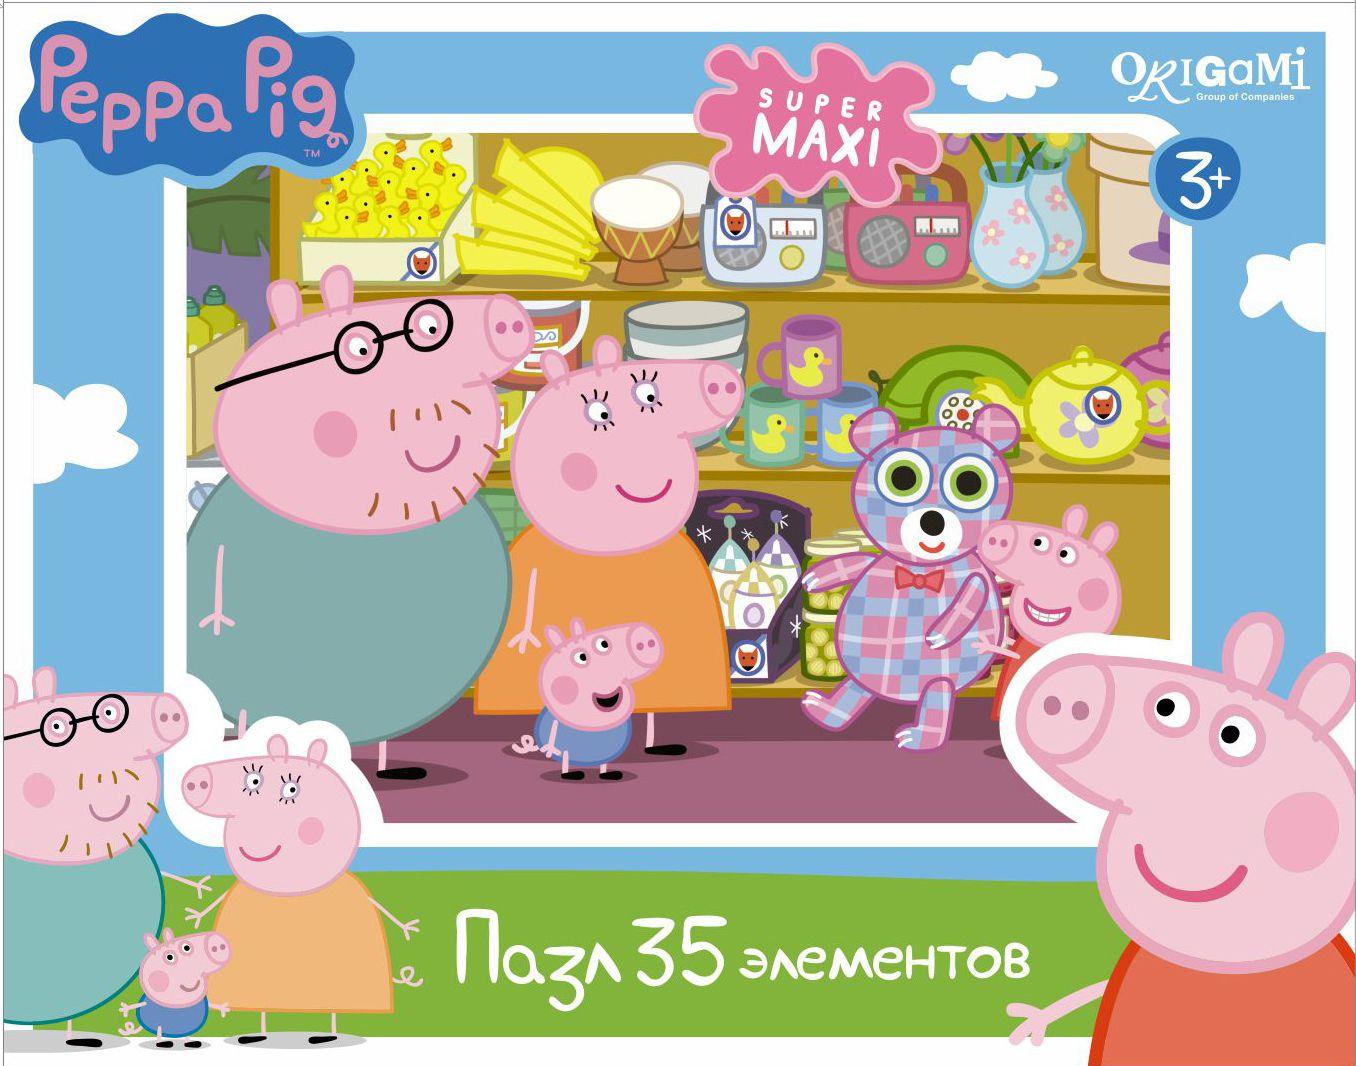 Пазл 35 Origami Super maxi 01545 Peppa Pig. Магазин